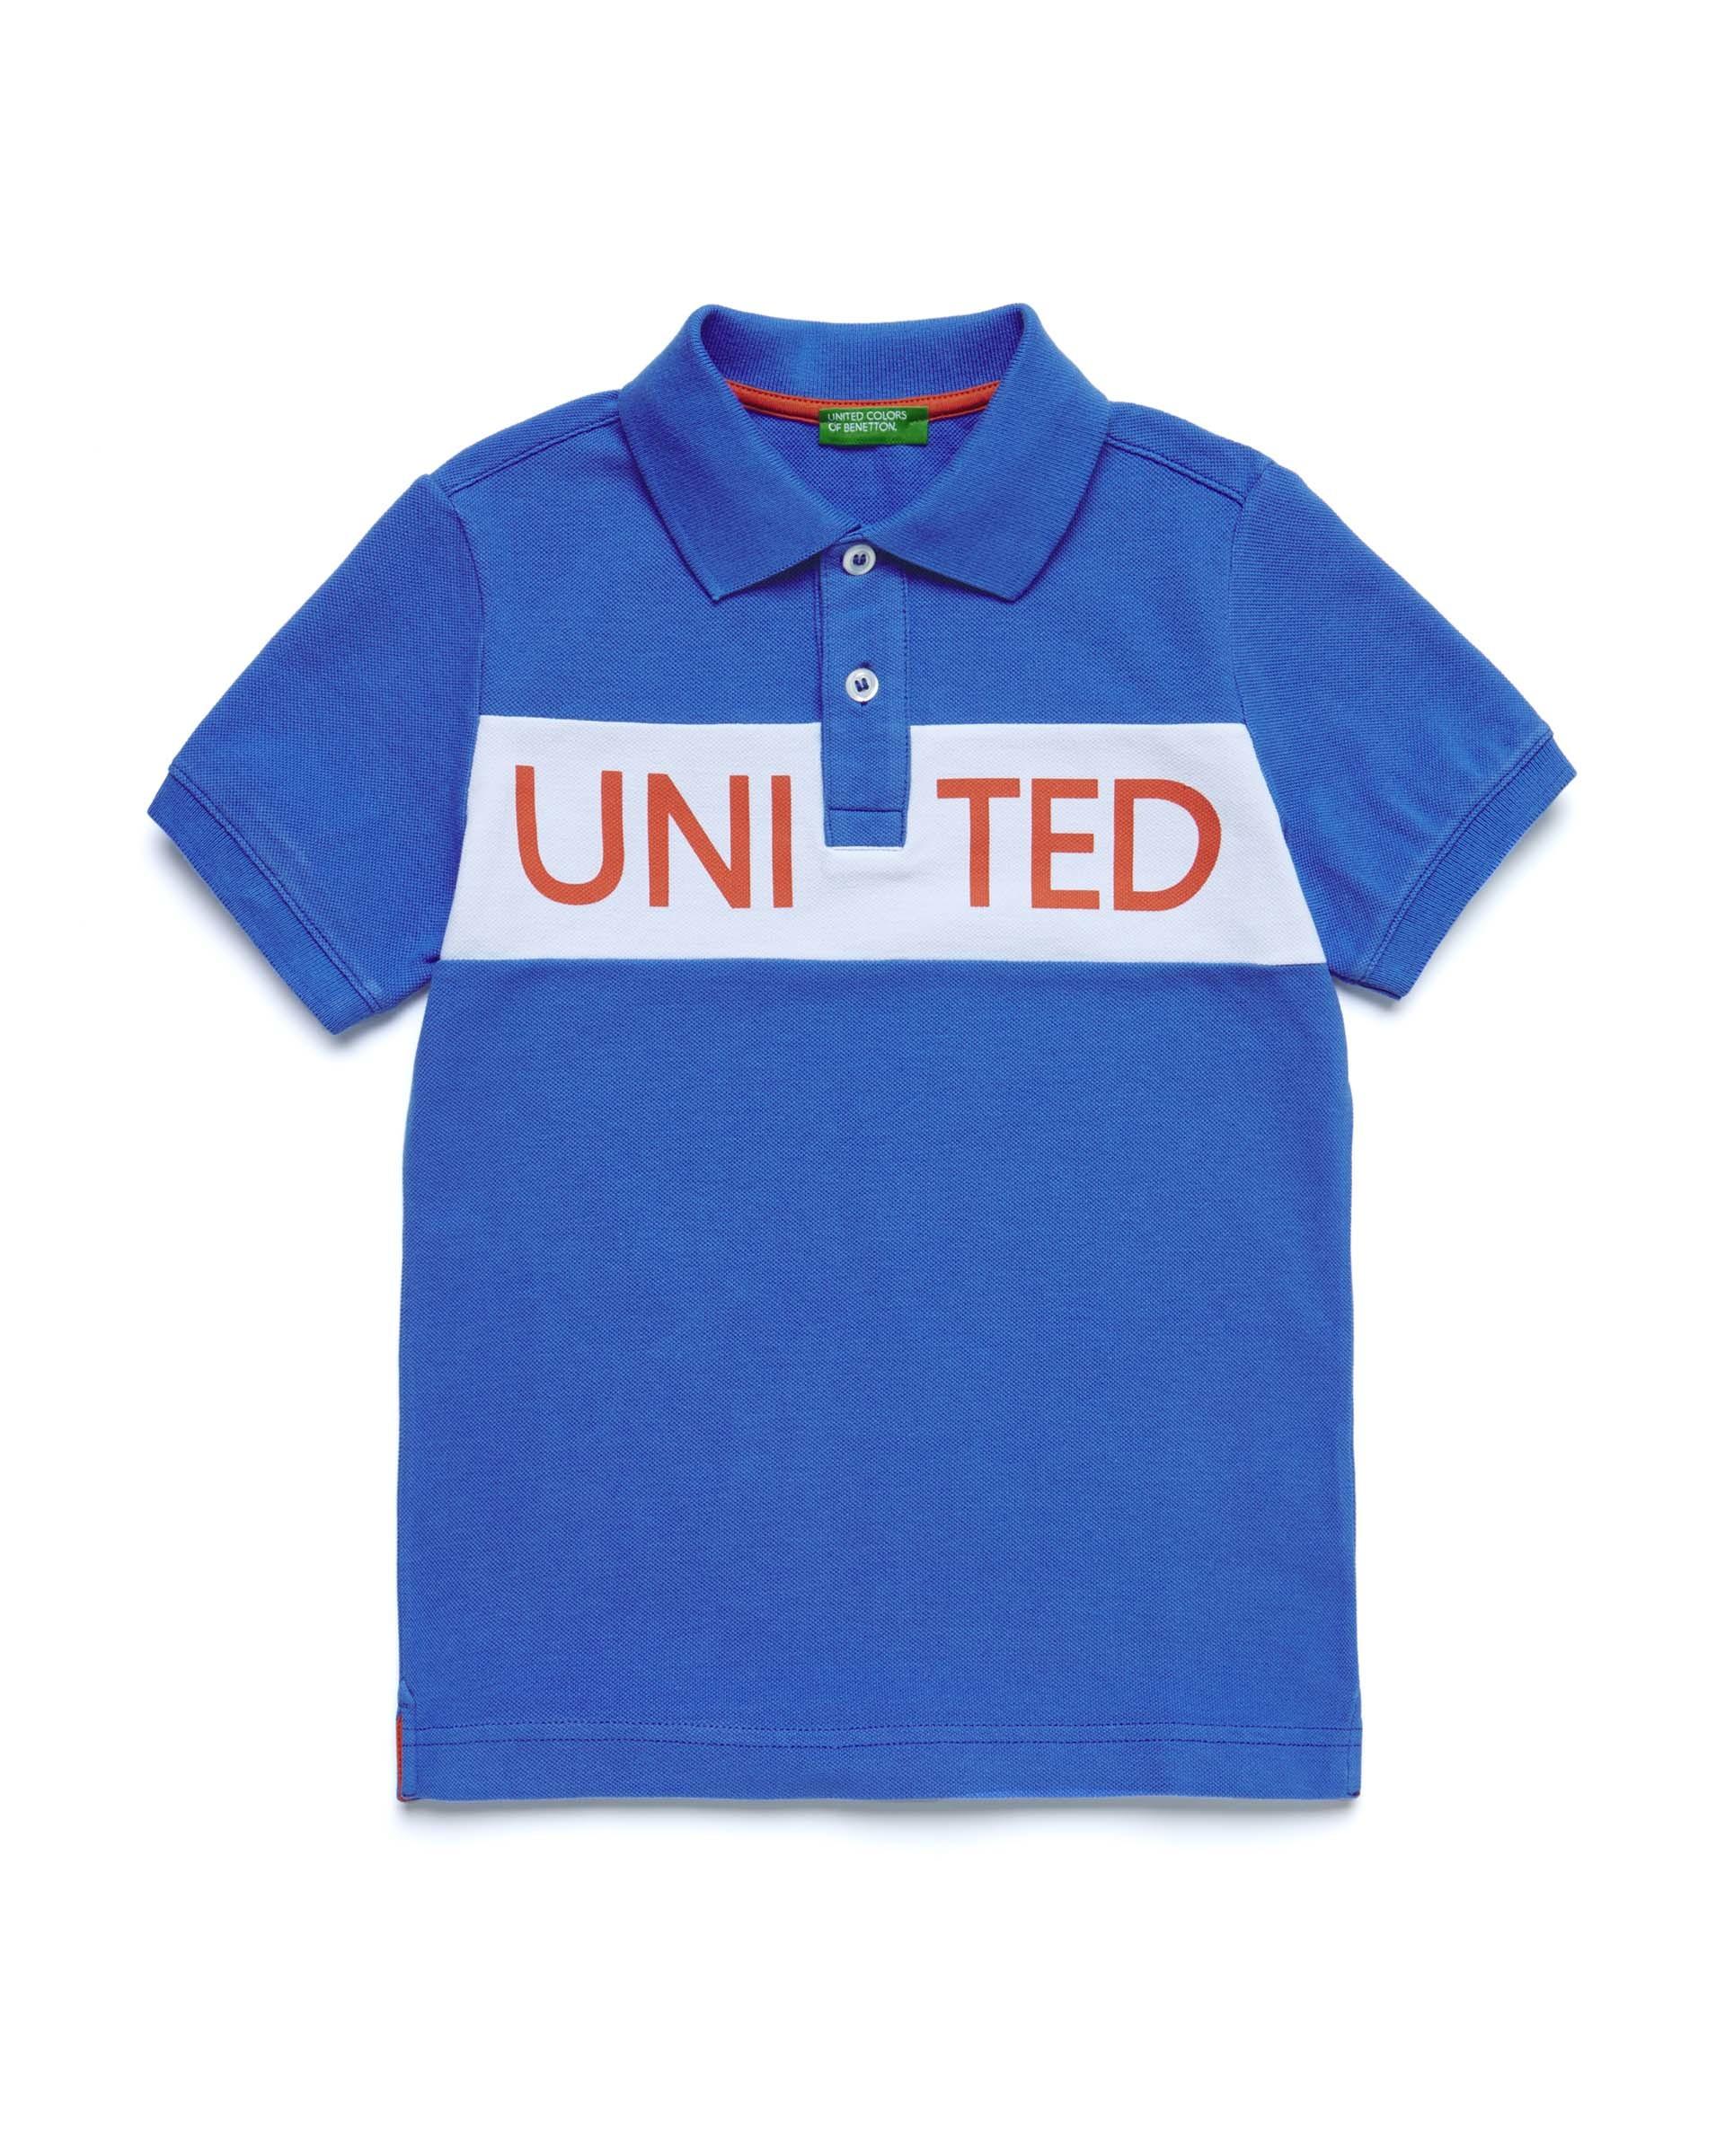 Купить 20P_3087C3132_08A, Поло для мальчиков Benetton 3087C3132_08A р-р 140, United Colors of Benetton, Футболки для мальчиков